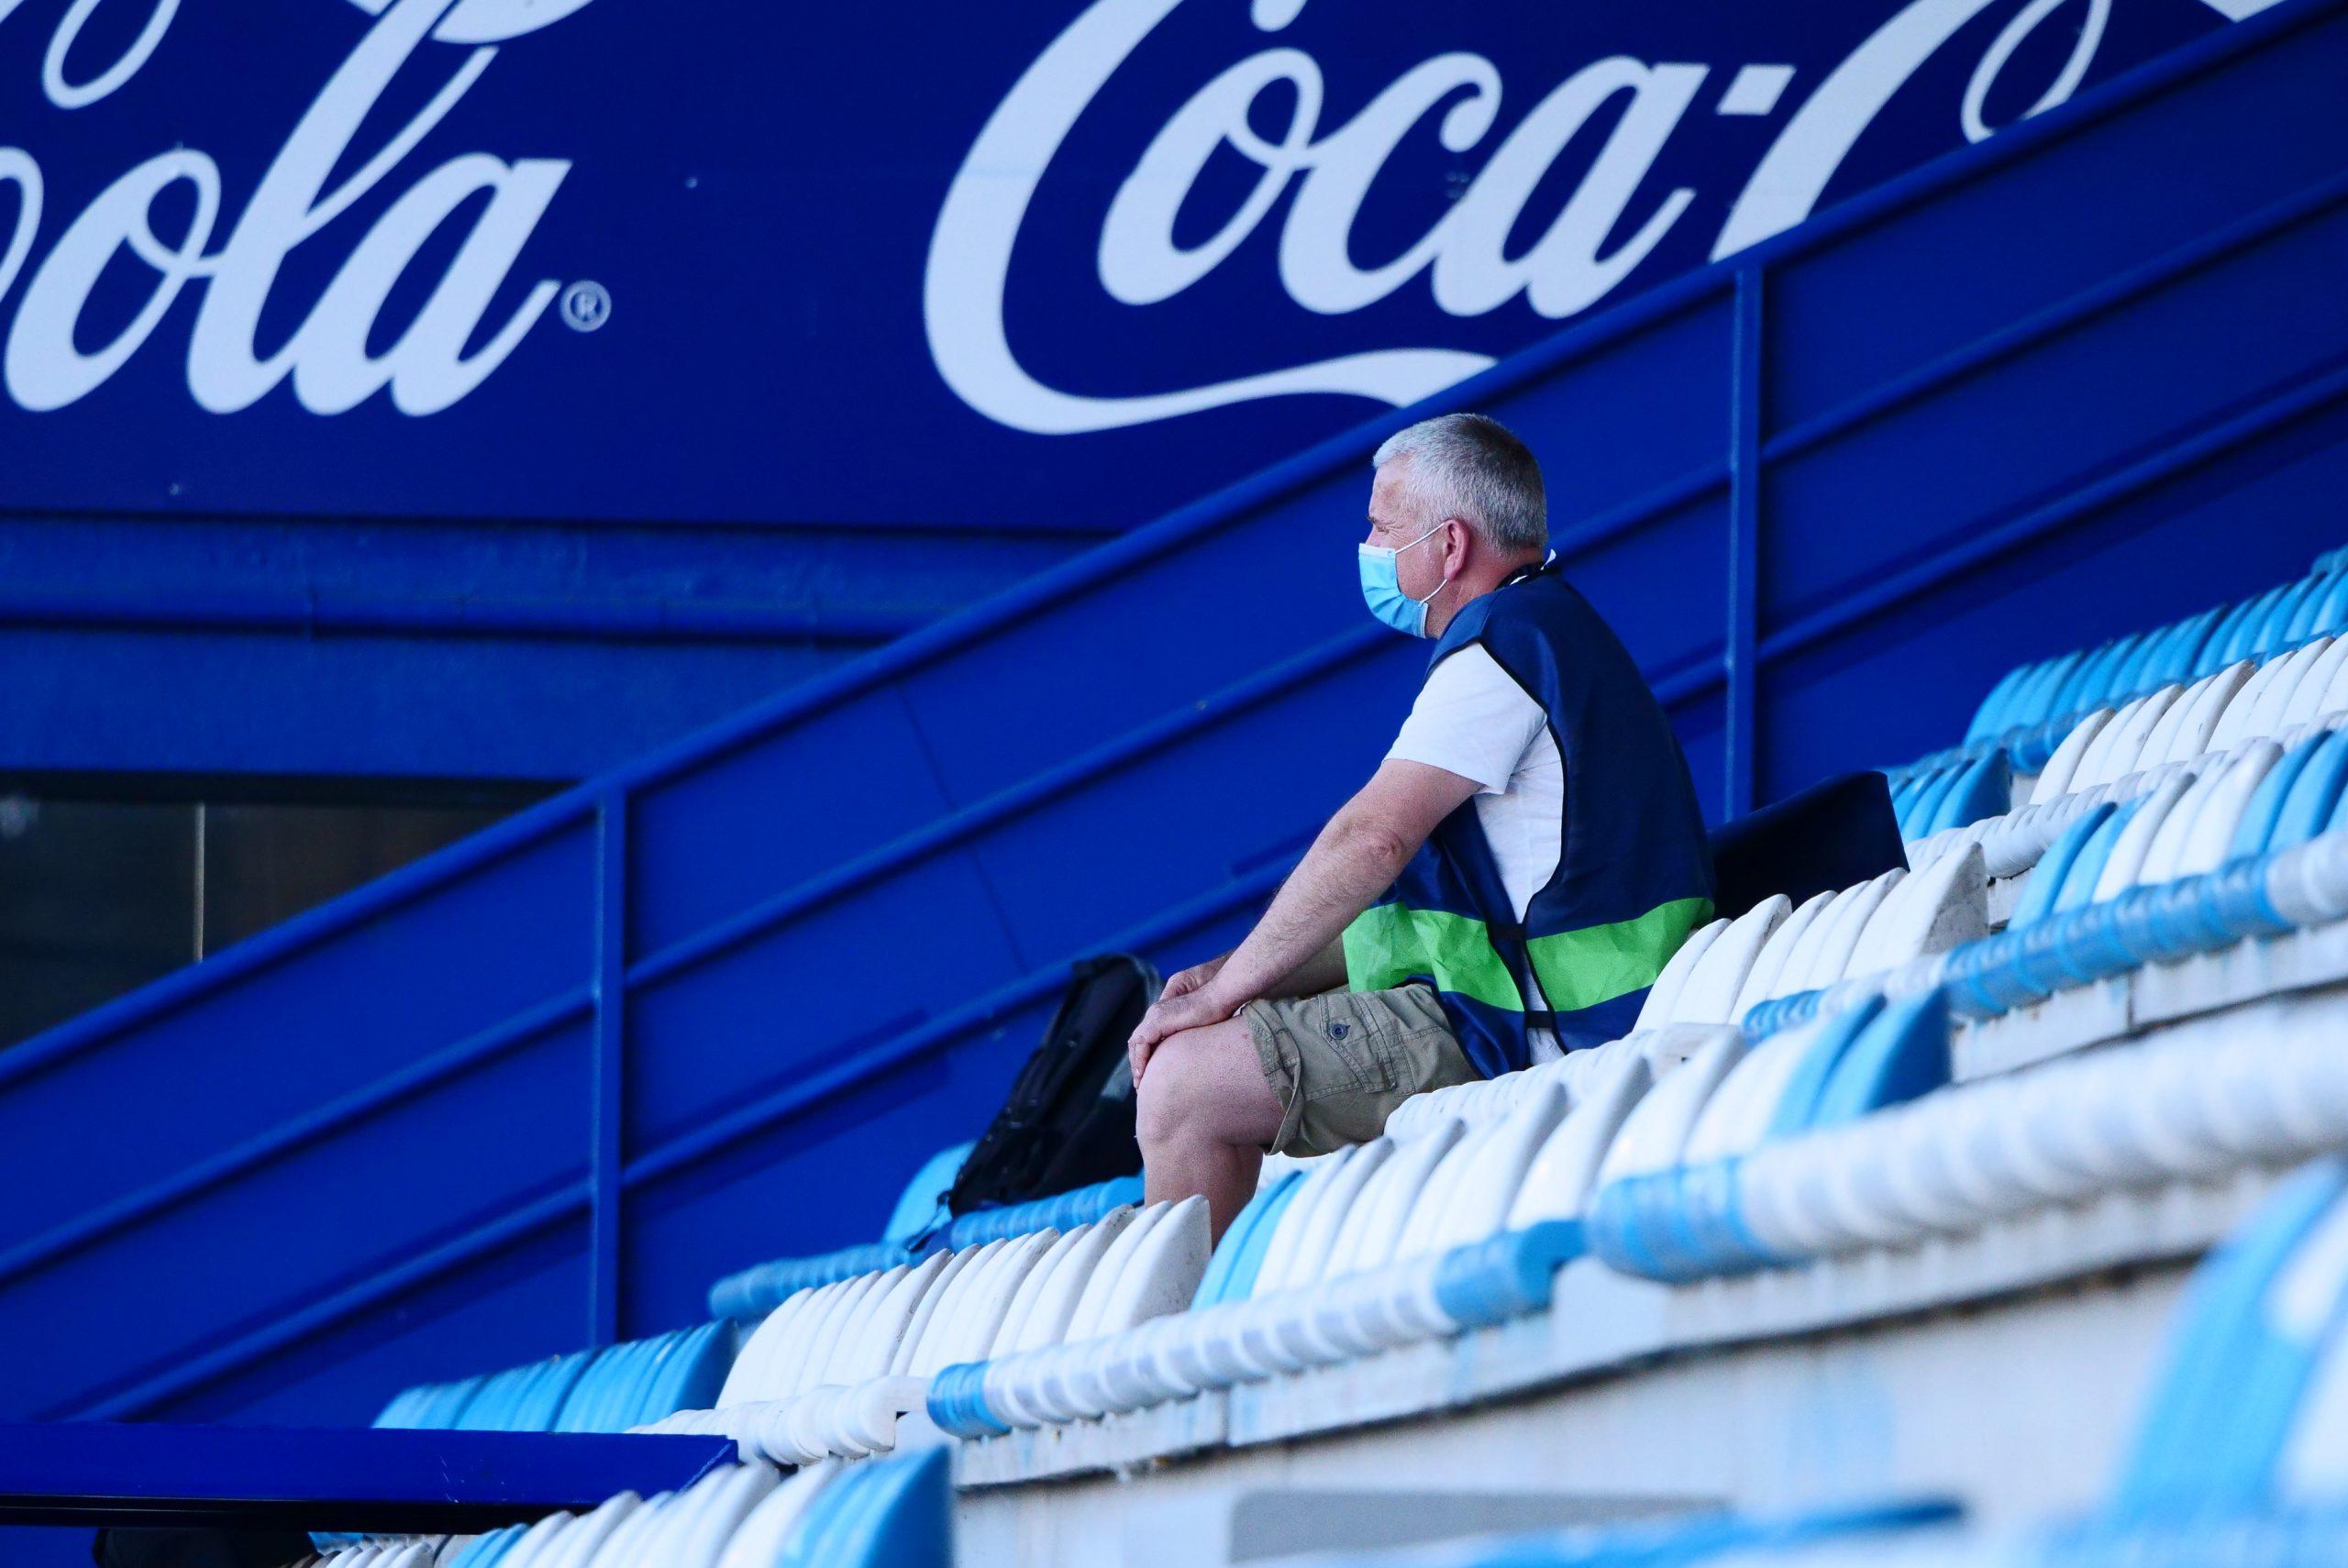 La Deportiva sigue en Segunda división liga SmartBank, historia gráfica de una salvación 16